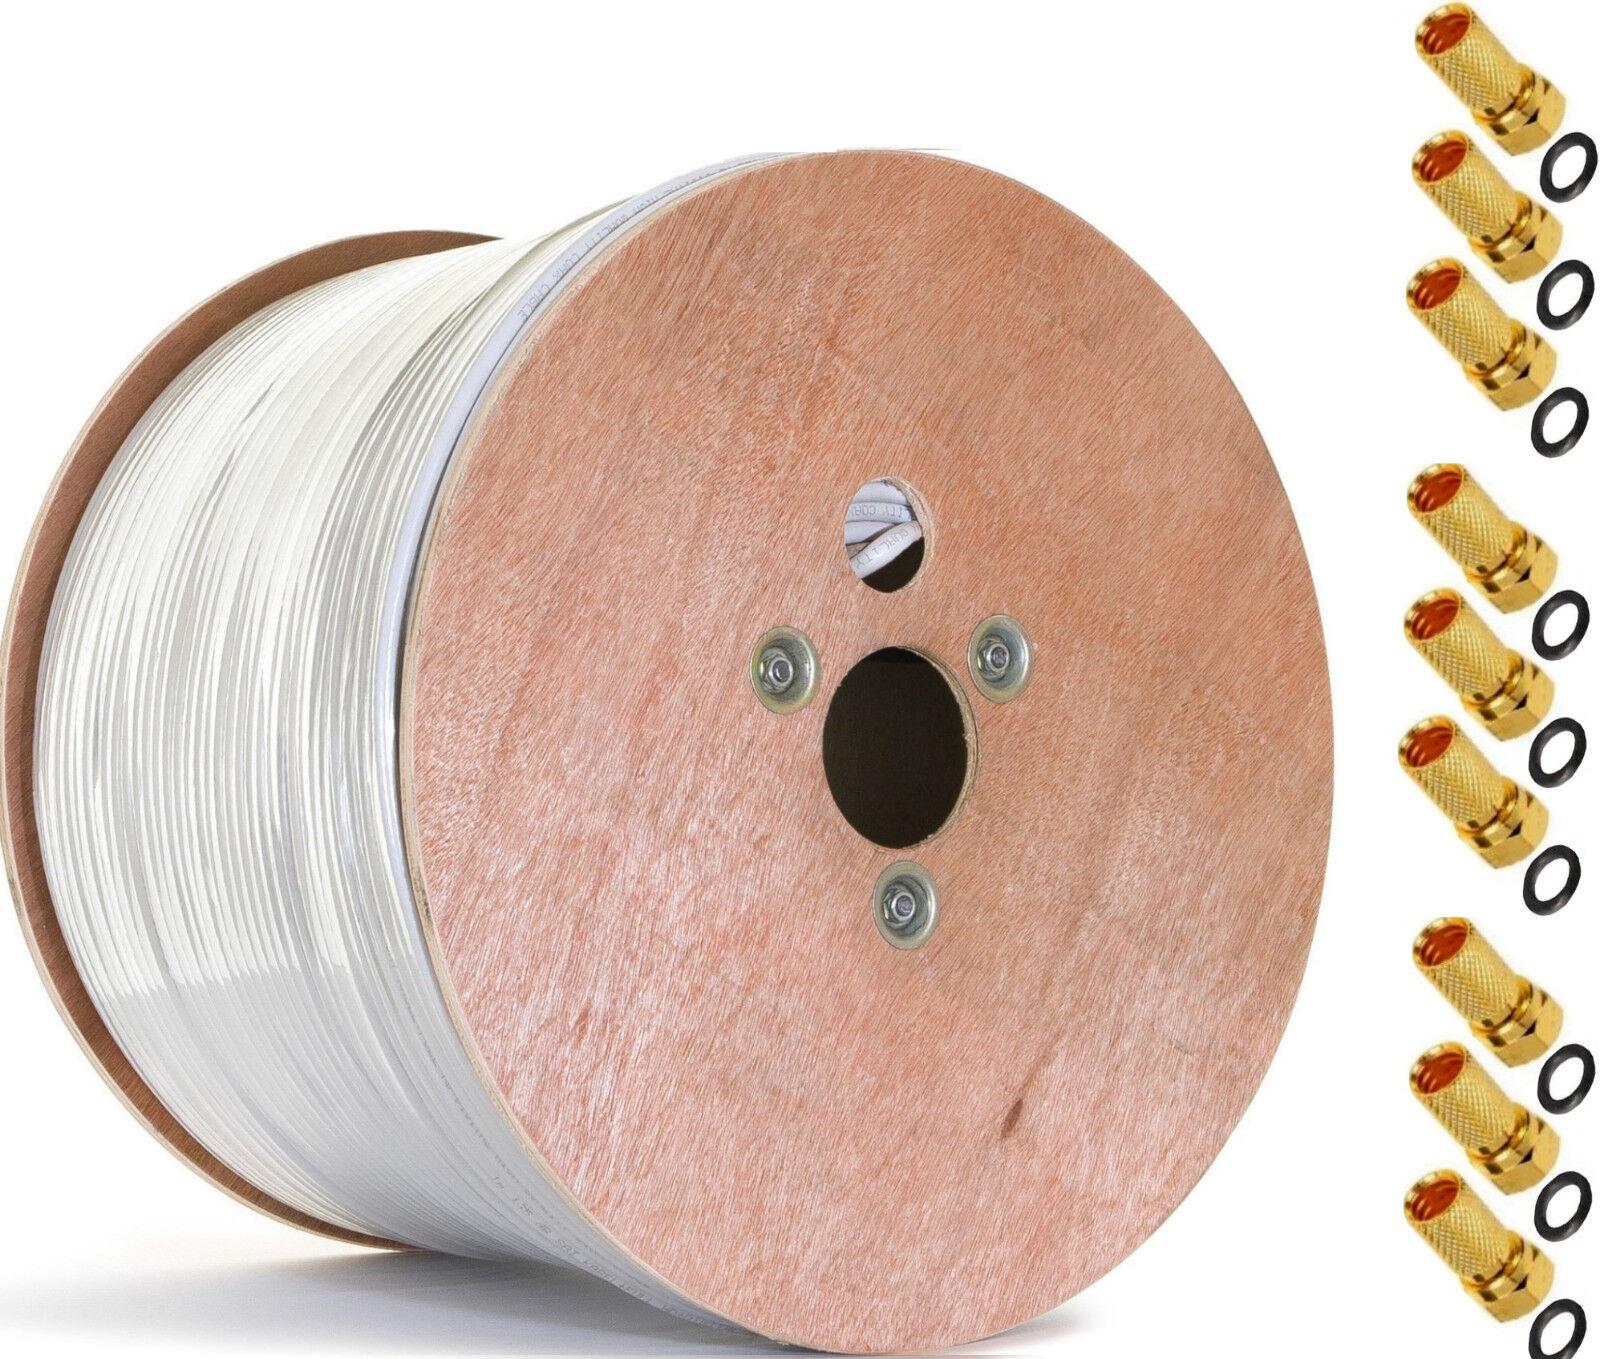 +100x VG] 500m SAT-Kabel 120dB Stahl-Kupfer Koaxialkabel TV Antennenkabel 4K UHD | Hat einen langen Ruf